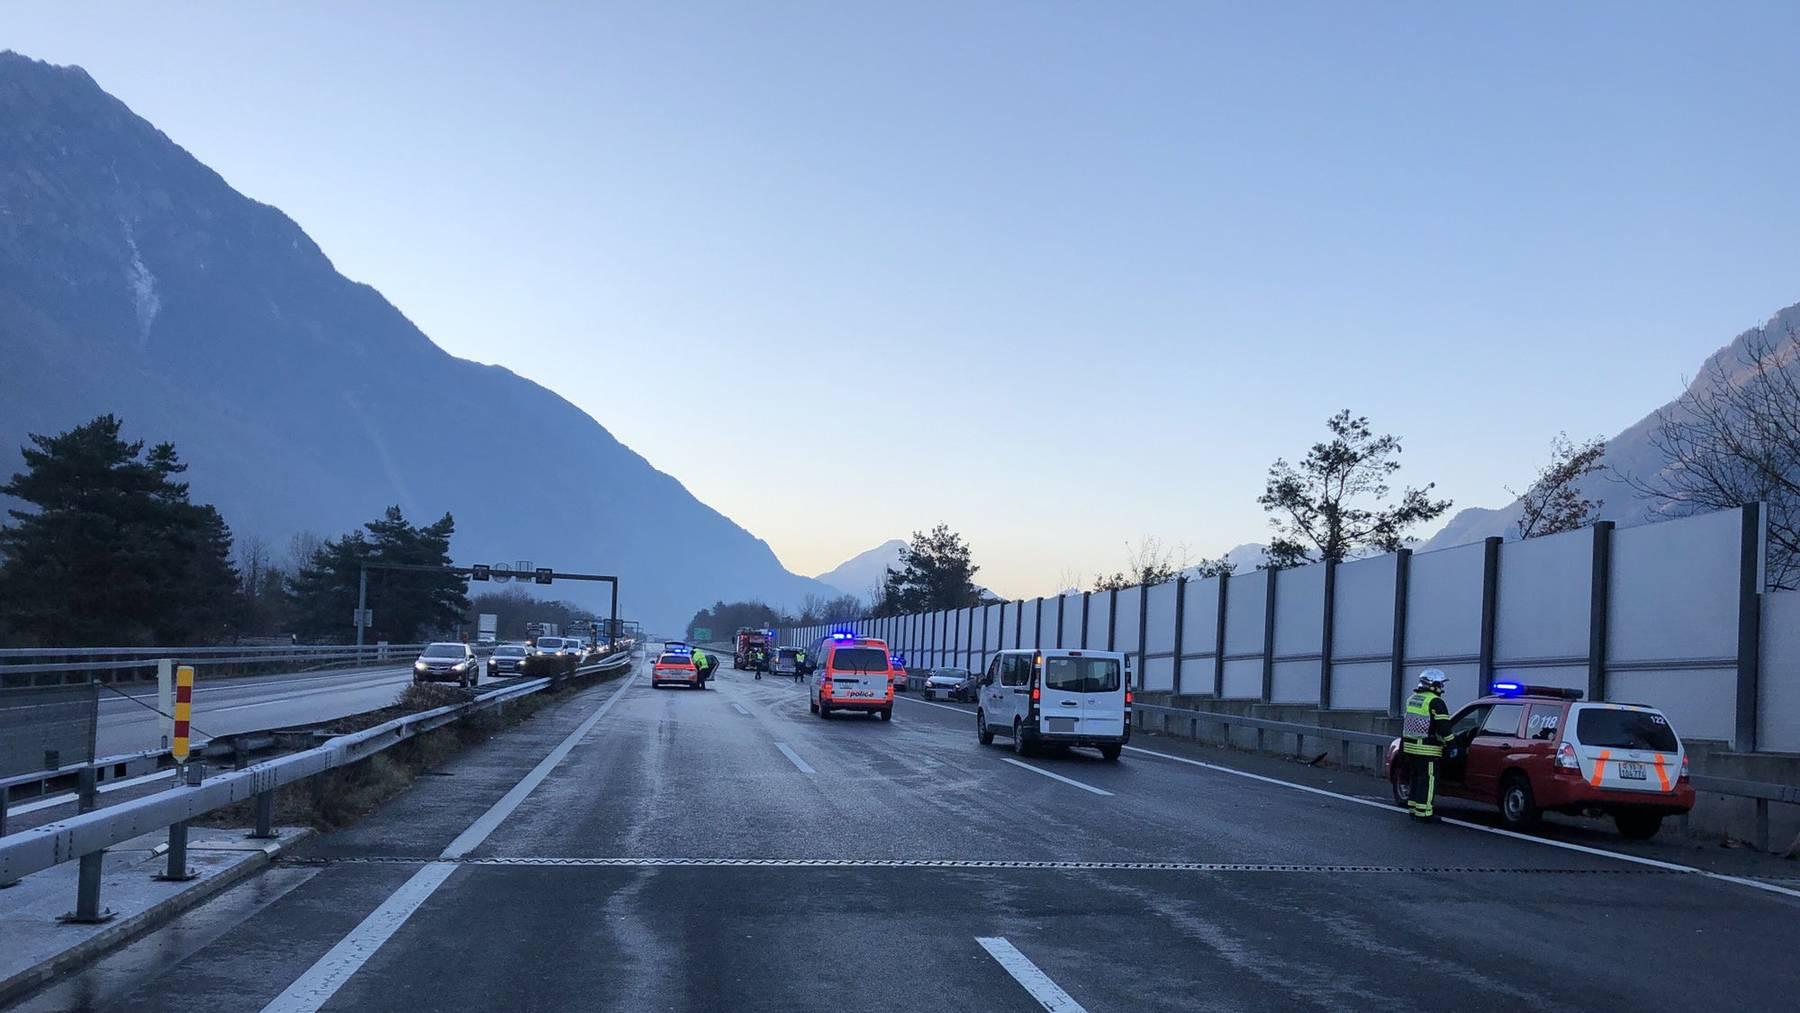 Die Unfallstelle bei St.Maurice im Wallis